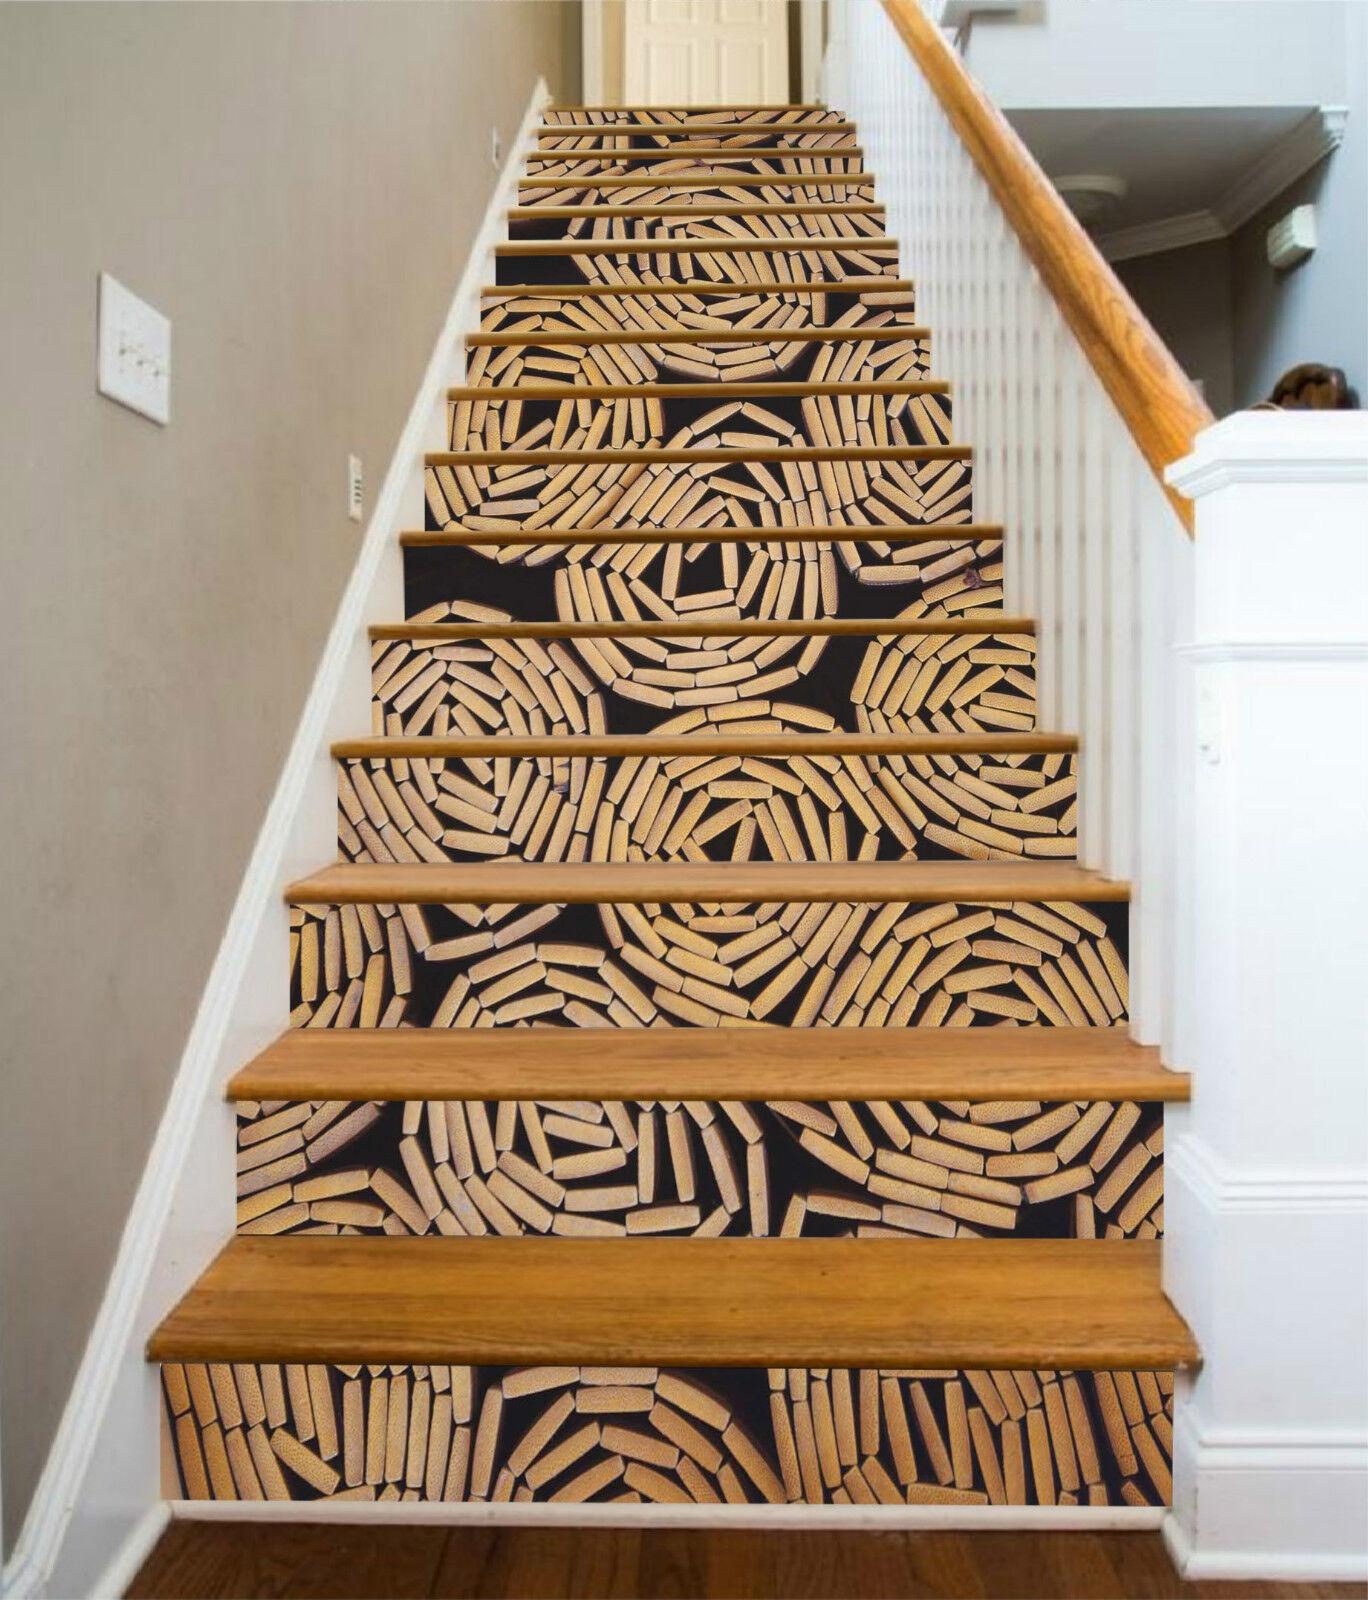 3D Bambus Malerei 8 Stair Risers Dekoration Fototapete Vinyl Aufkleber Tapete DE